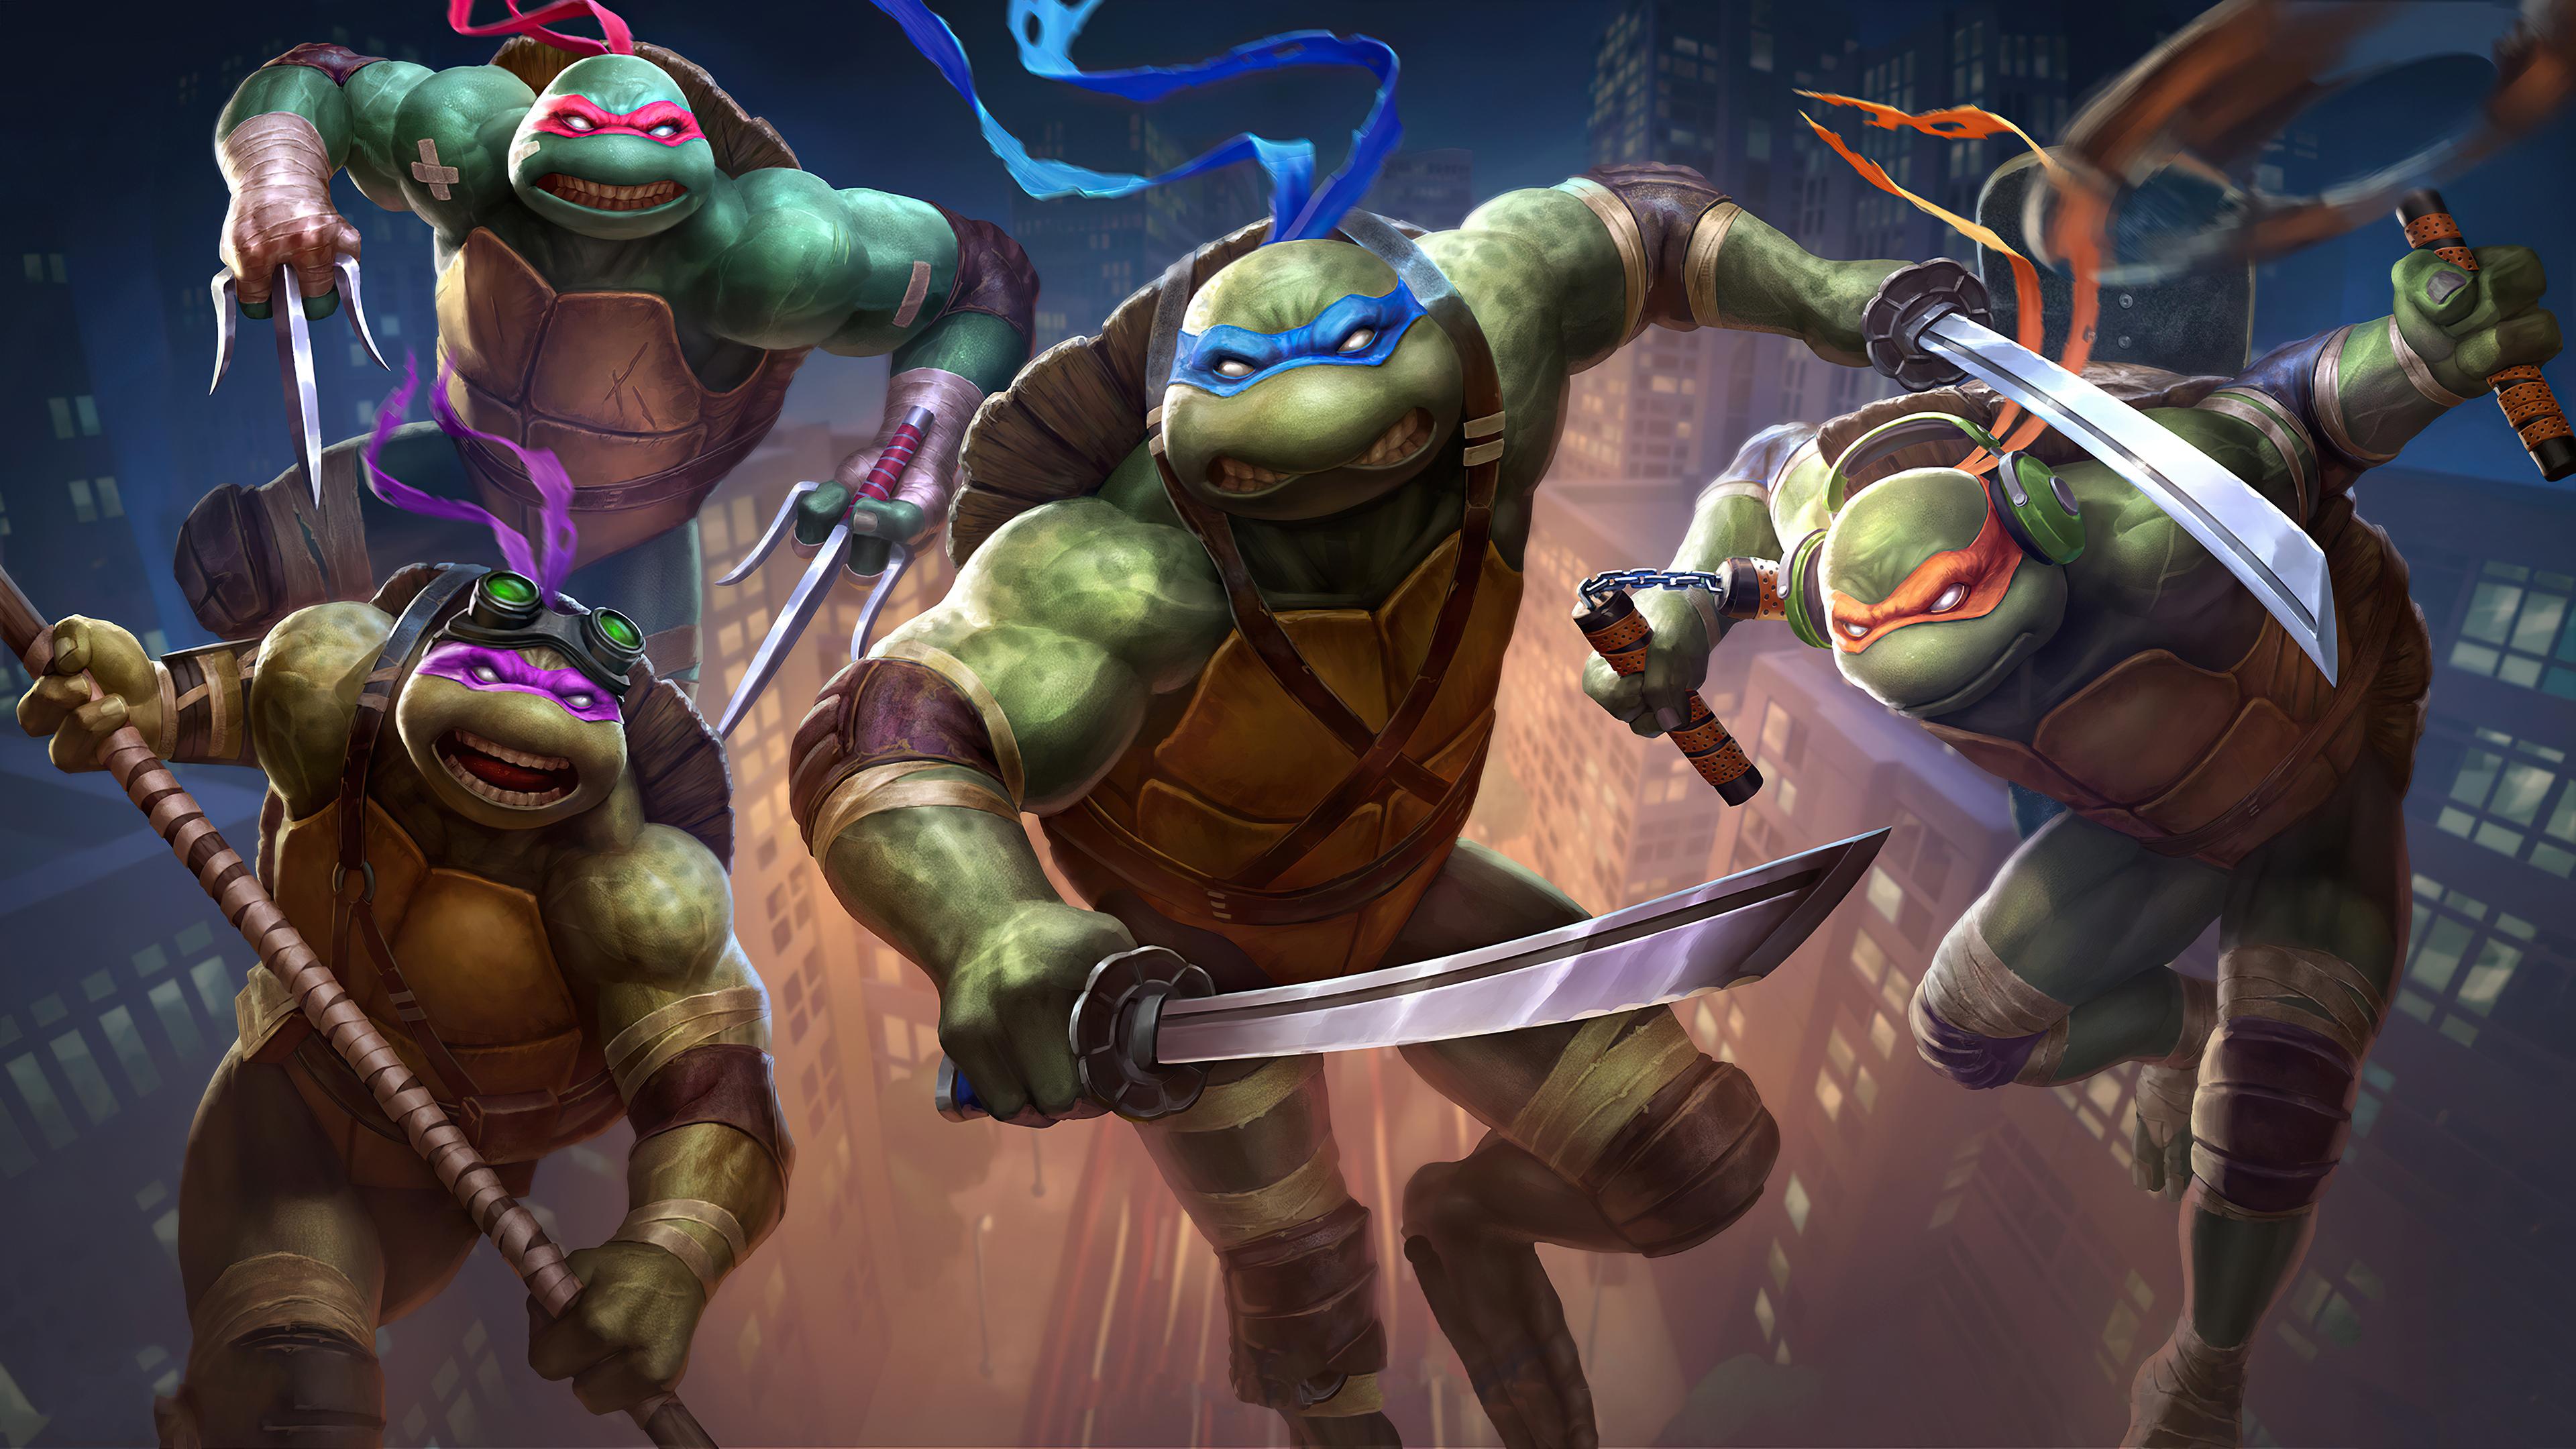 Teenage Mutant Ninja Turtles 2020, HD Movies, 4k